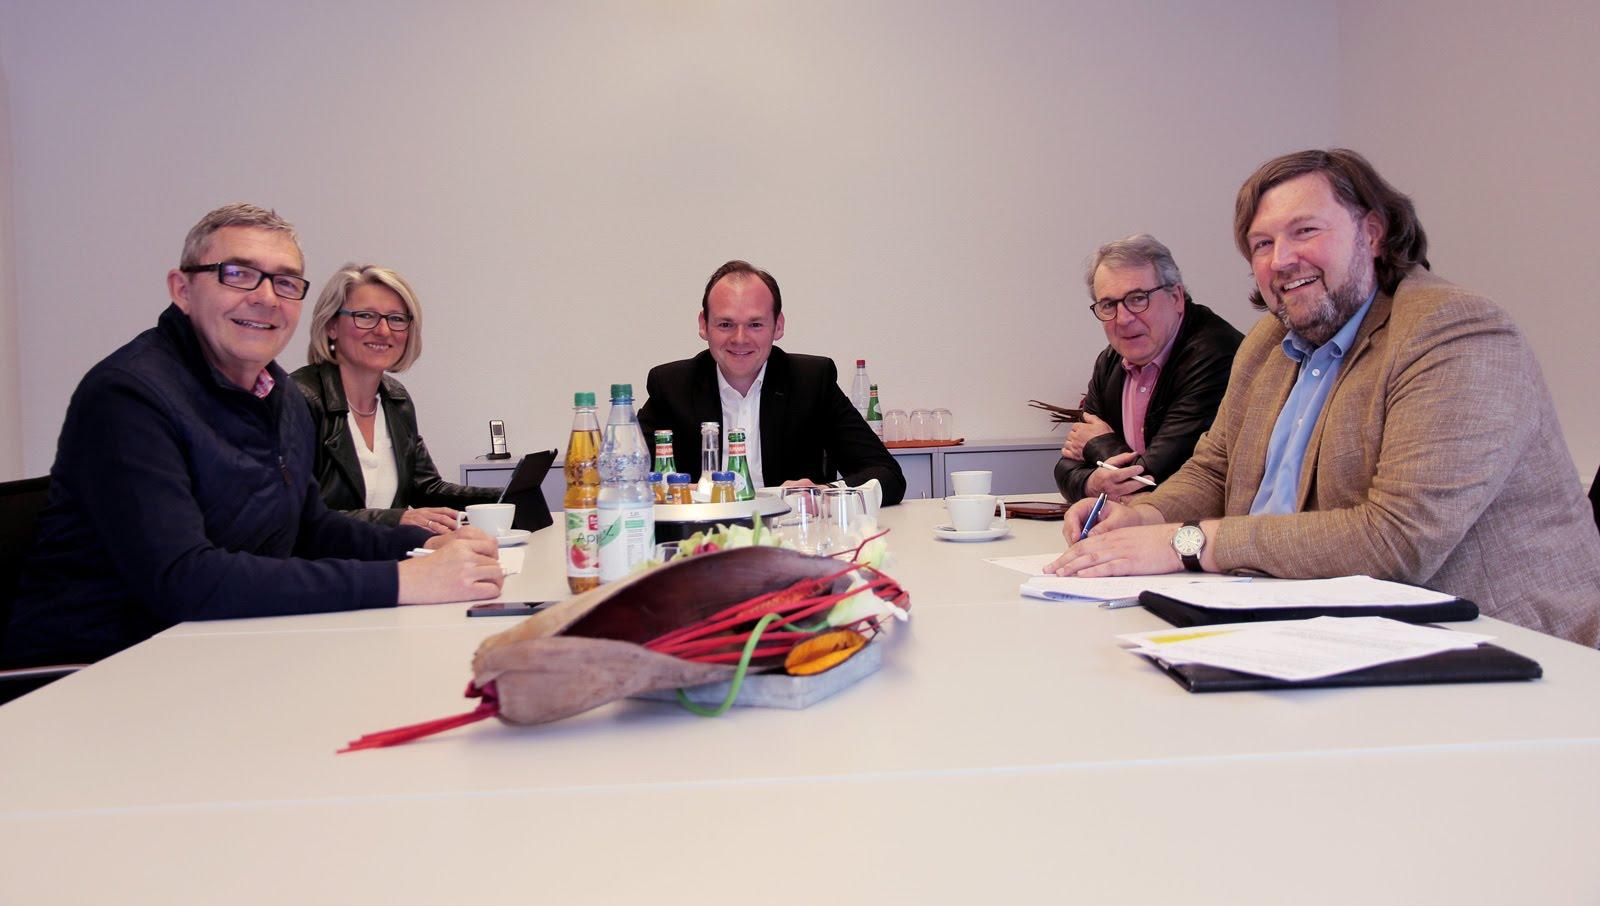 Die jährliche Systembegutachtung startete mit einem Qualitätsdialog mit Dennis Kummarnitzky von der Geschäftsleitung, den Qualitätsbeauftragten Andrea Rekitt und Thomas Raum und den Auditoren der DQS Dr. Markus Reimer und Gerhard Weidemann.